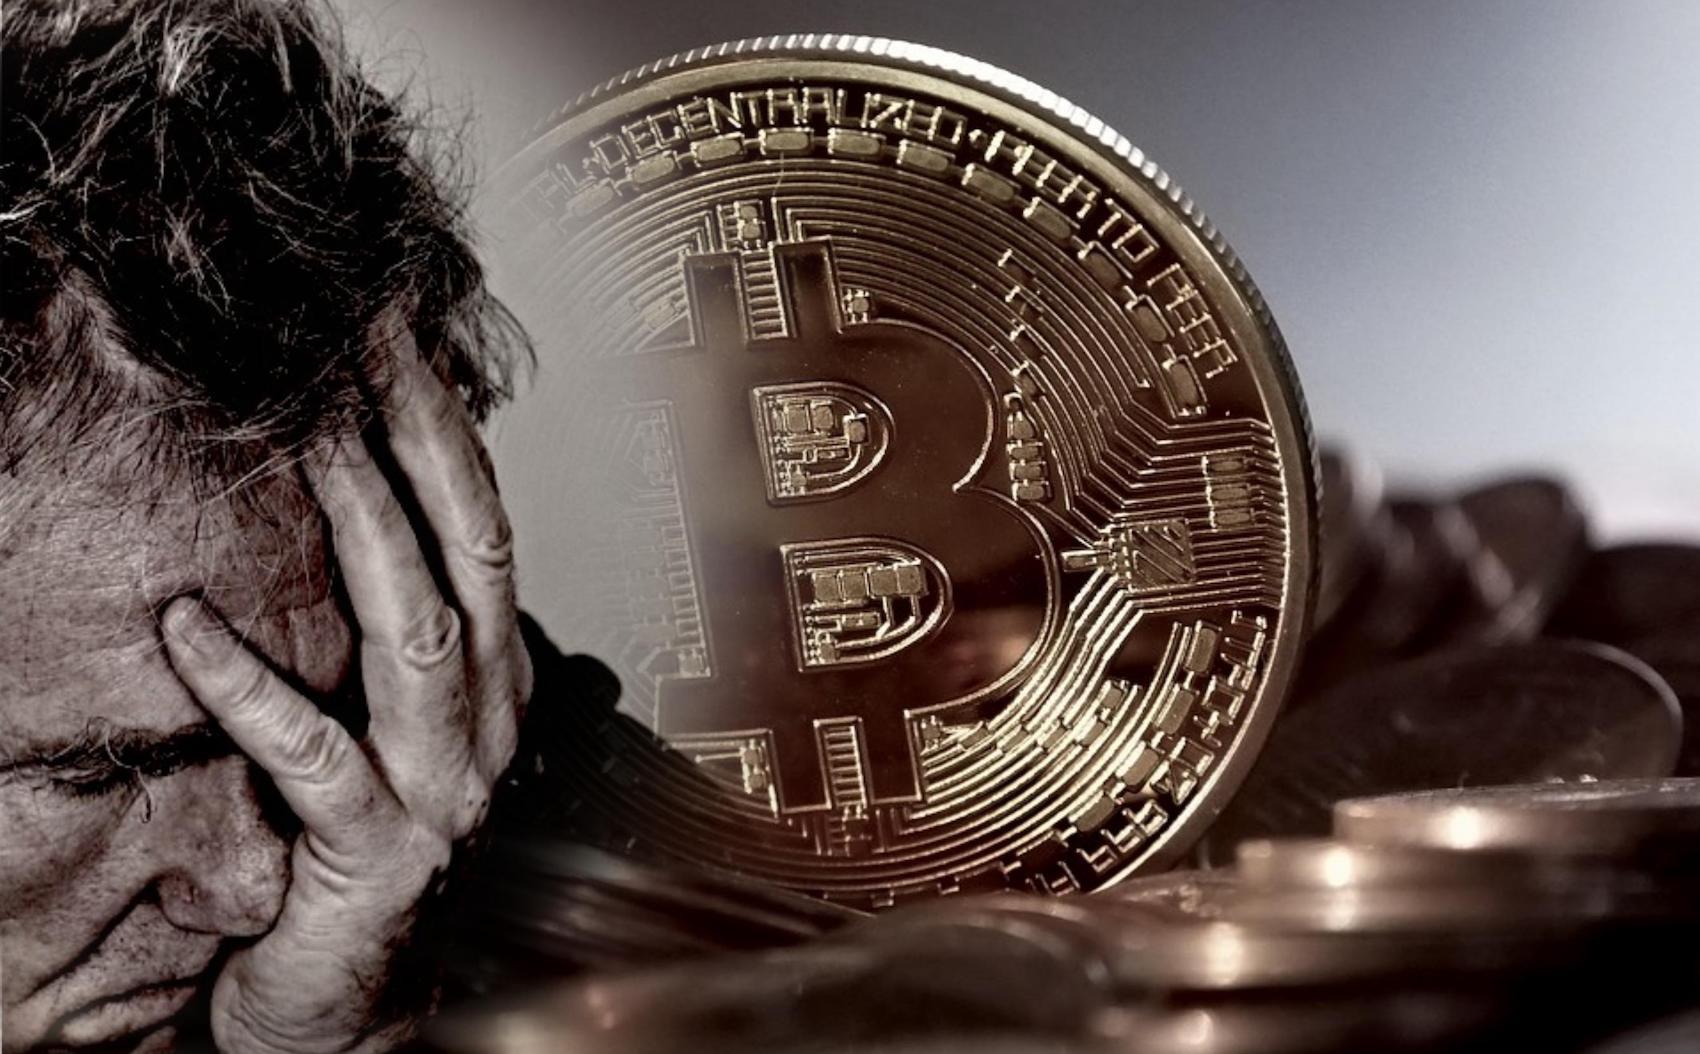 La historia de un narcotraficante irlandés que perdió las llaves de acceso de sus 12 billeteras de Bitcoin, donde acumulaba más de 55 millones de dólares